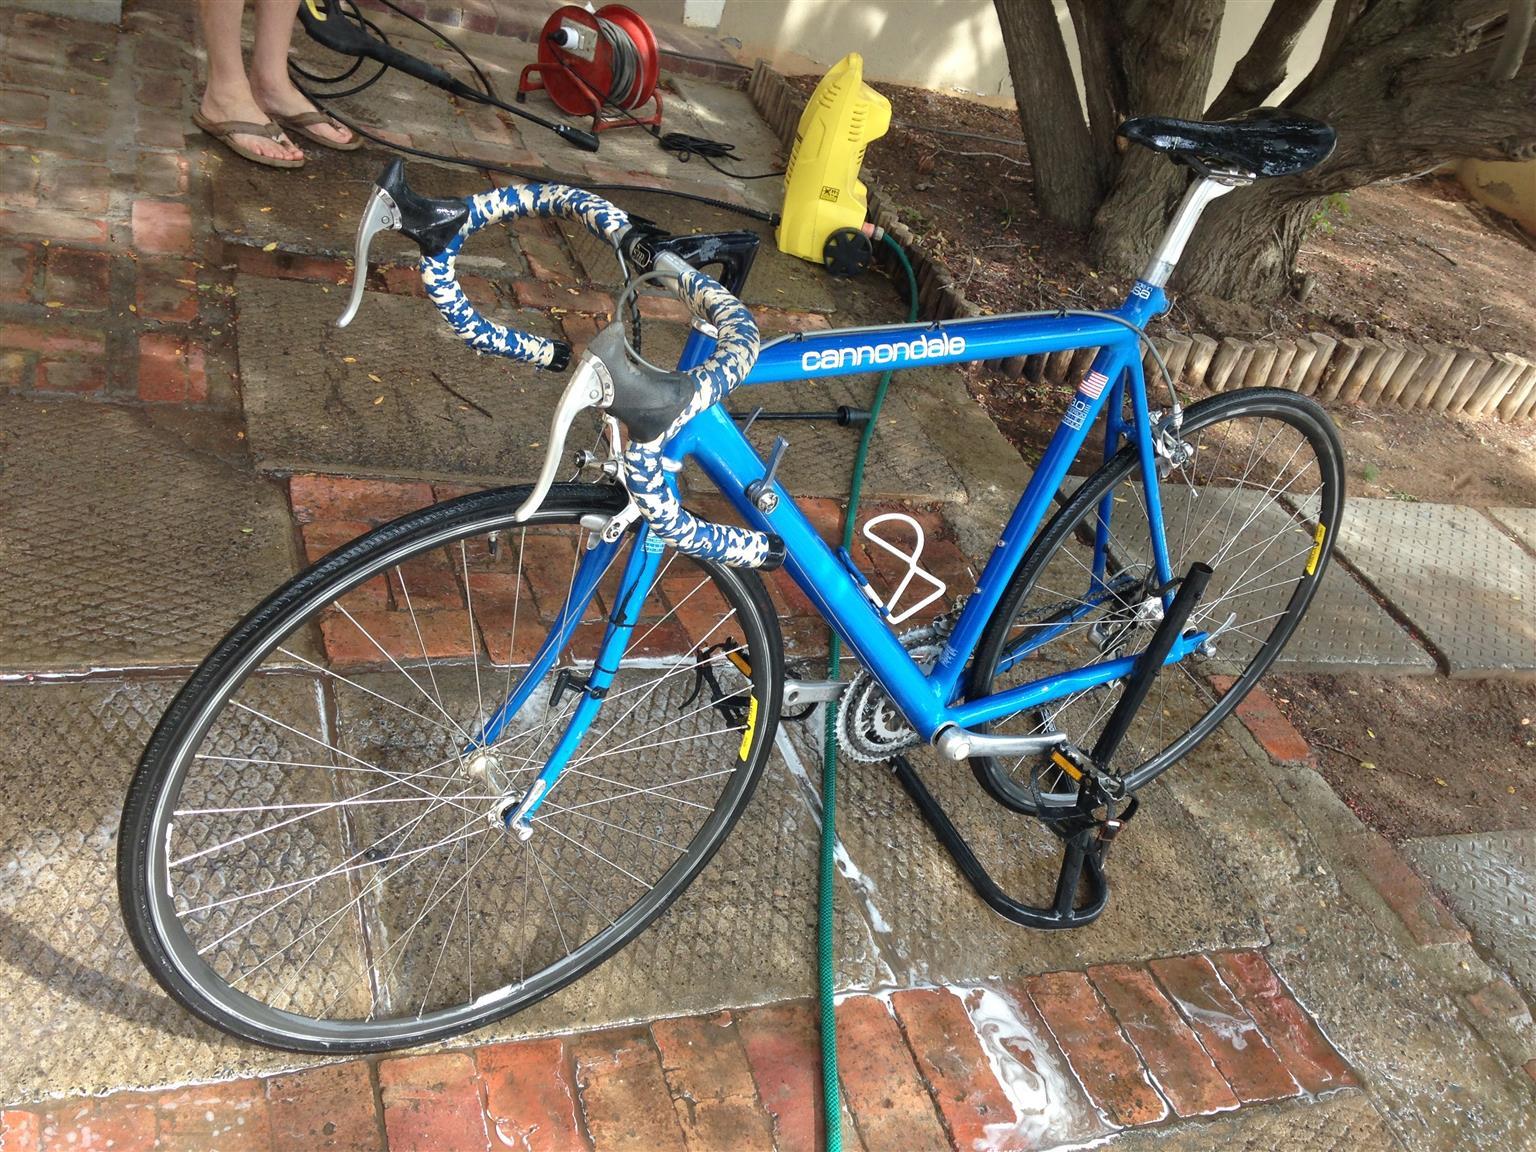 Bike Cannondale Road Bike.